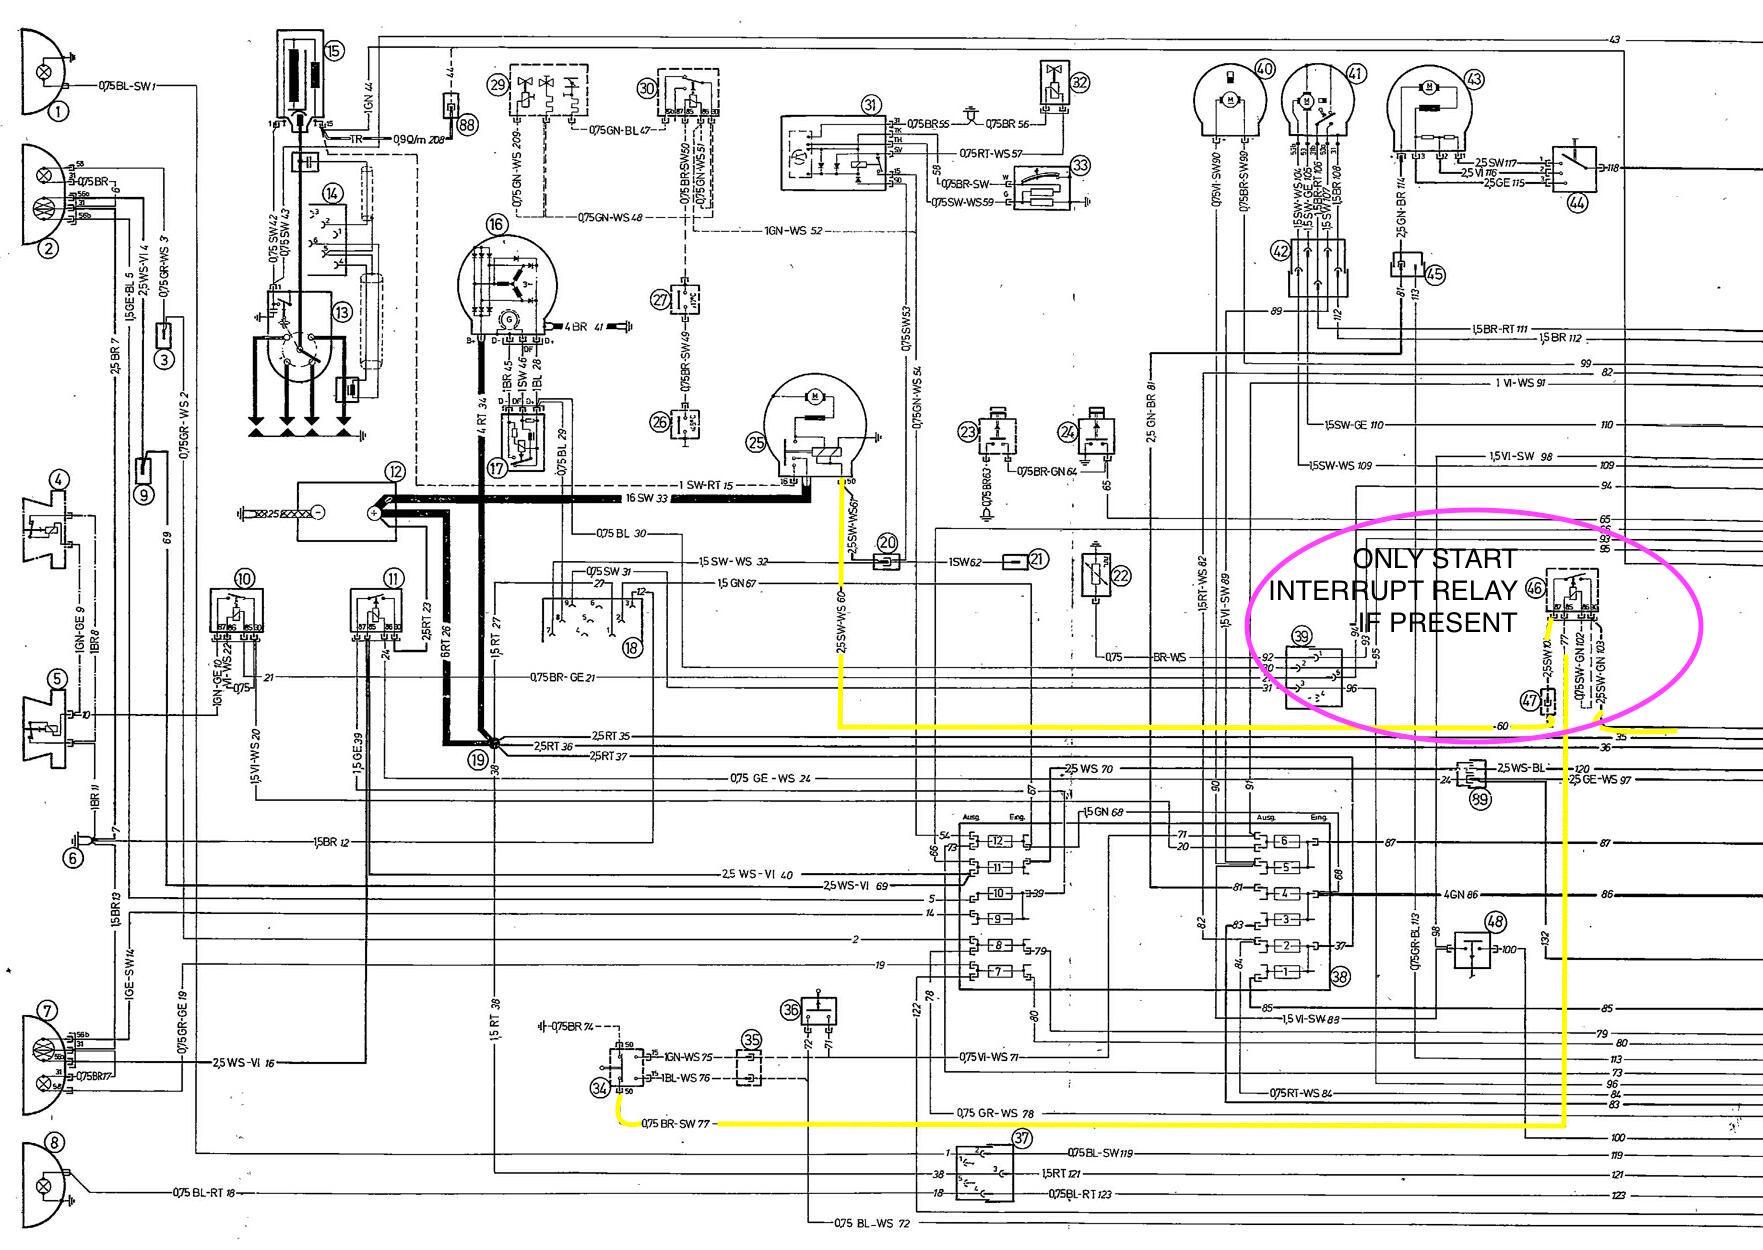 diagram] 200 bmw 528i wiring diagram for ignition wiring diagram full  version hd quality wiring diagram - qewiringings.pumabaskets.fr  qewiringings.pumabaskets.fr